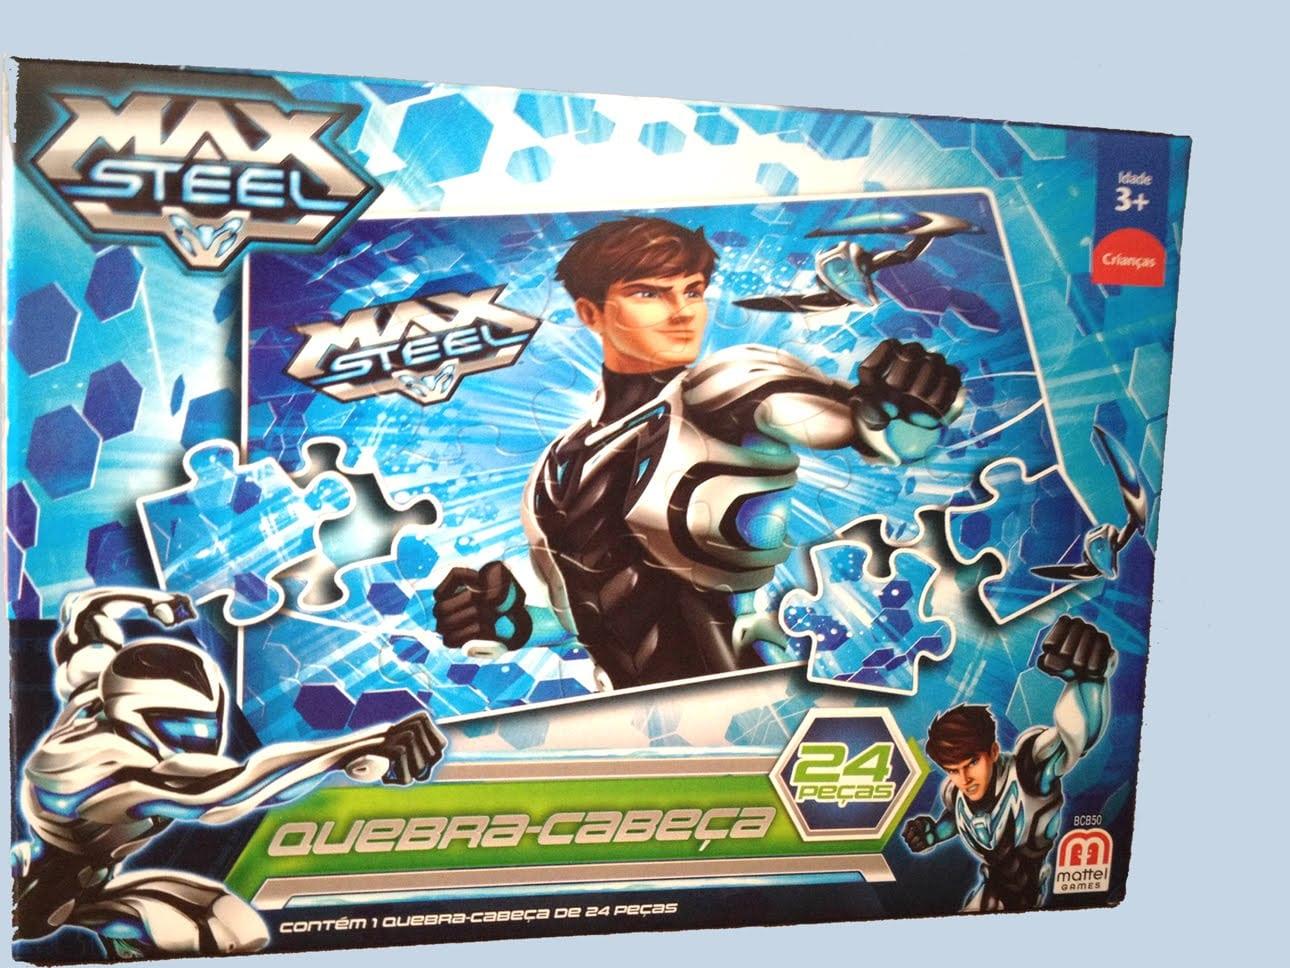 Puzzle Max Steel Action Figure Quebra